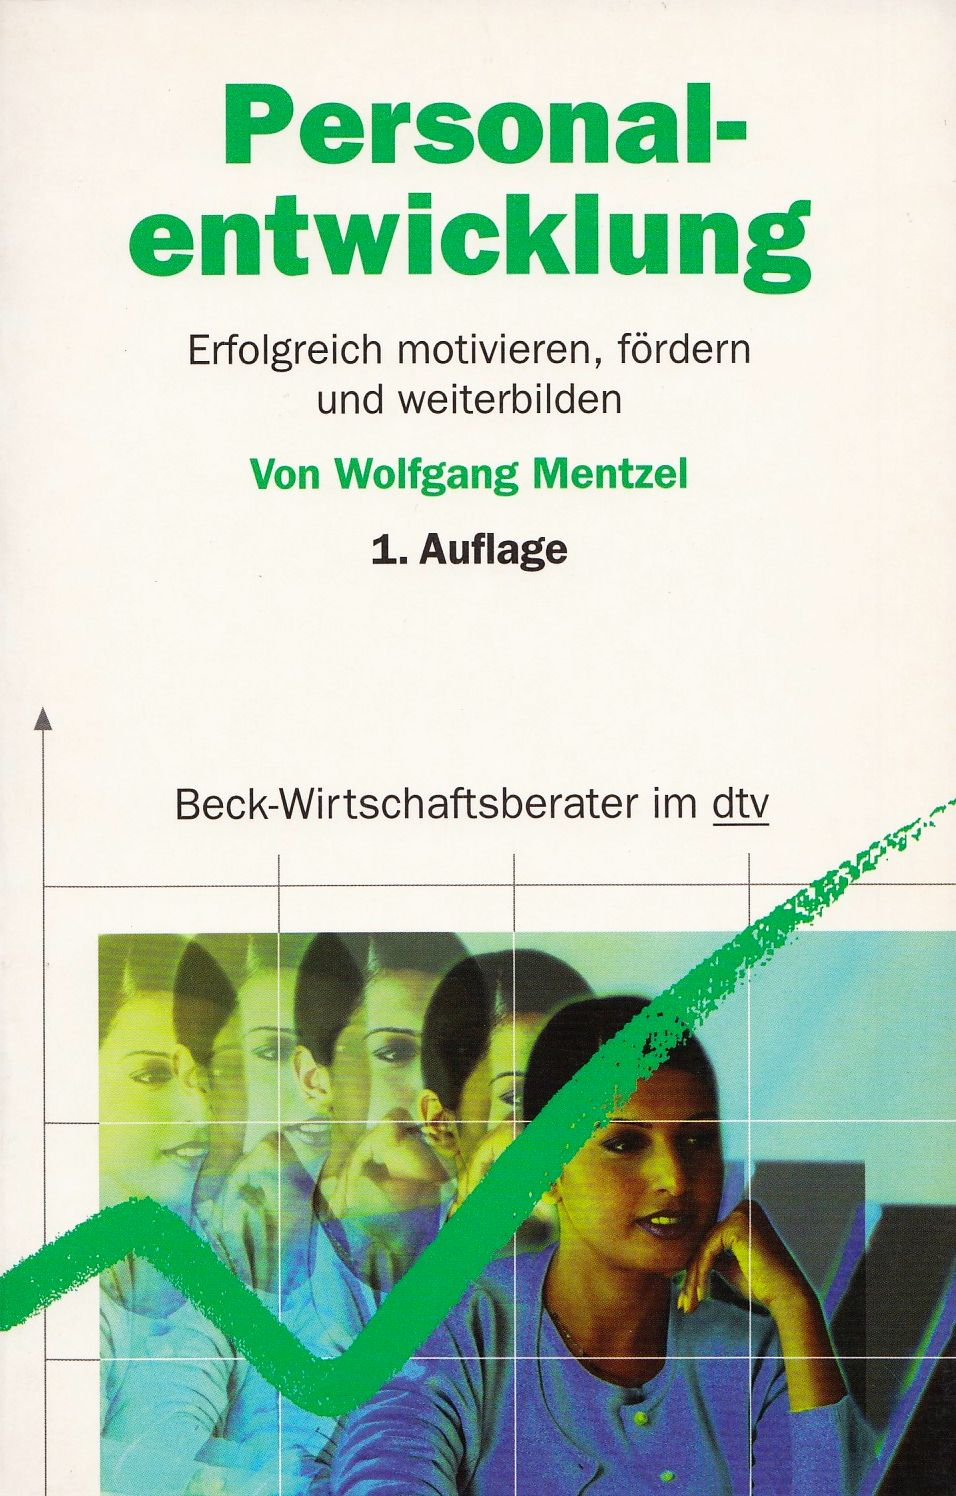 Personalentwicklung: Erfolgreich motivieren, fördern und weiterbilden - Wolfgang Mentzel [1. Auflage 2001]